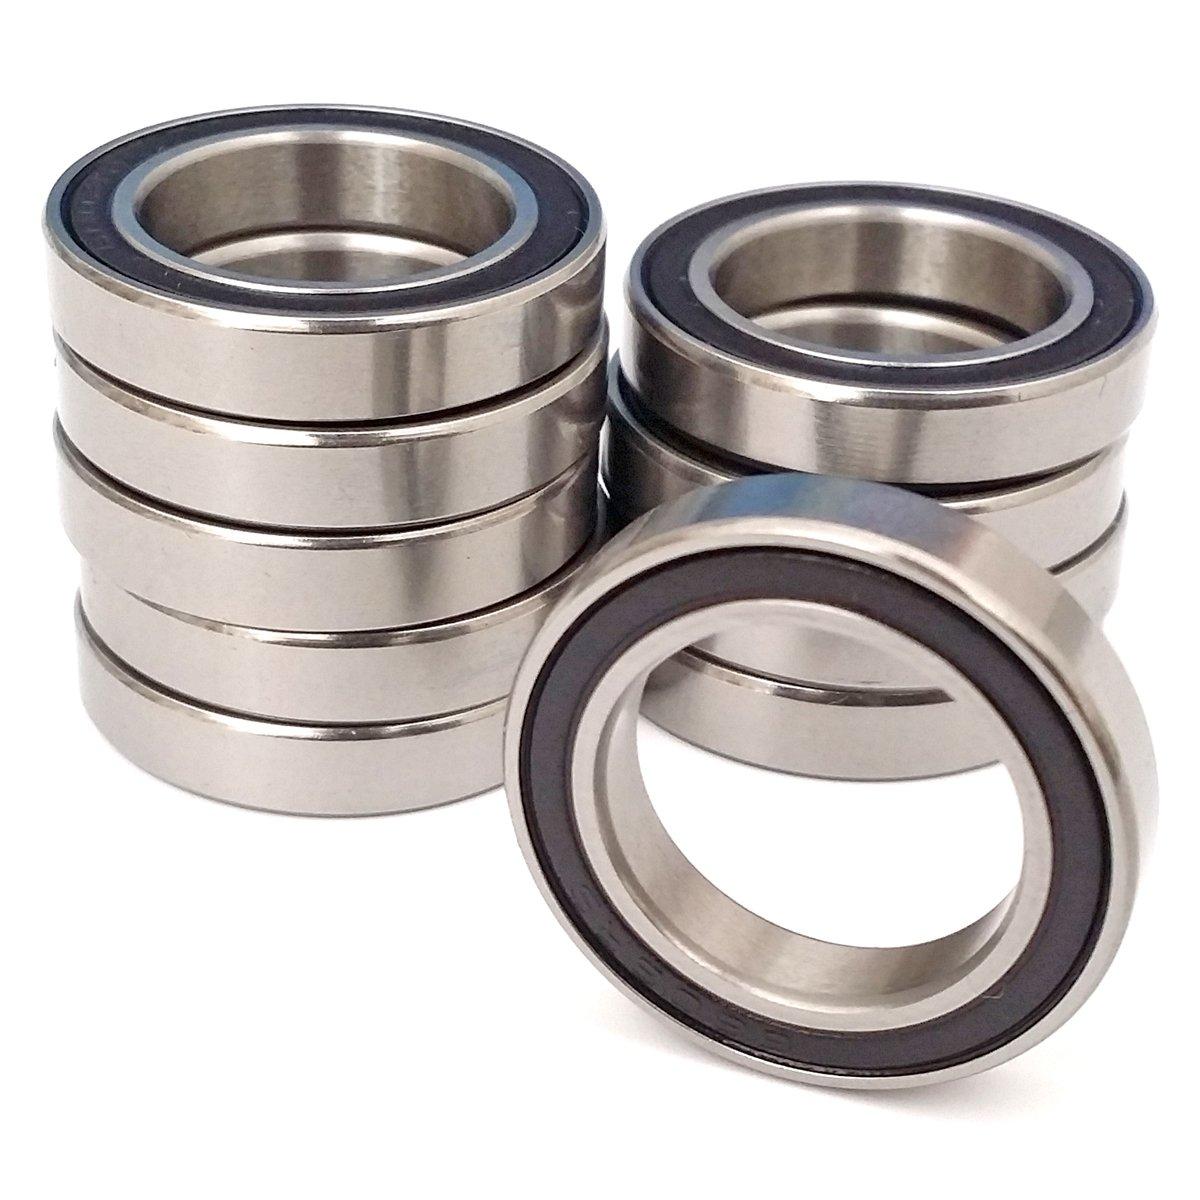 68032RS Bearing 17 x 26 mm 17 x 26 x 5 mm Ball Bearings